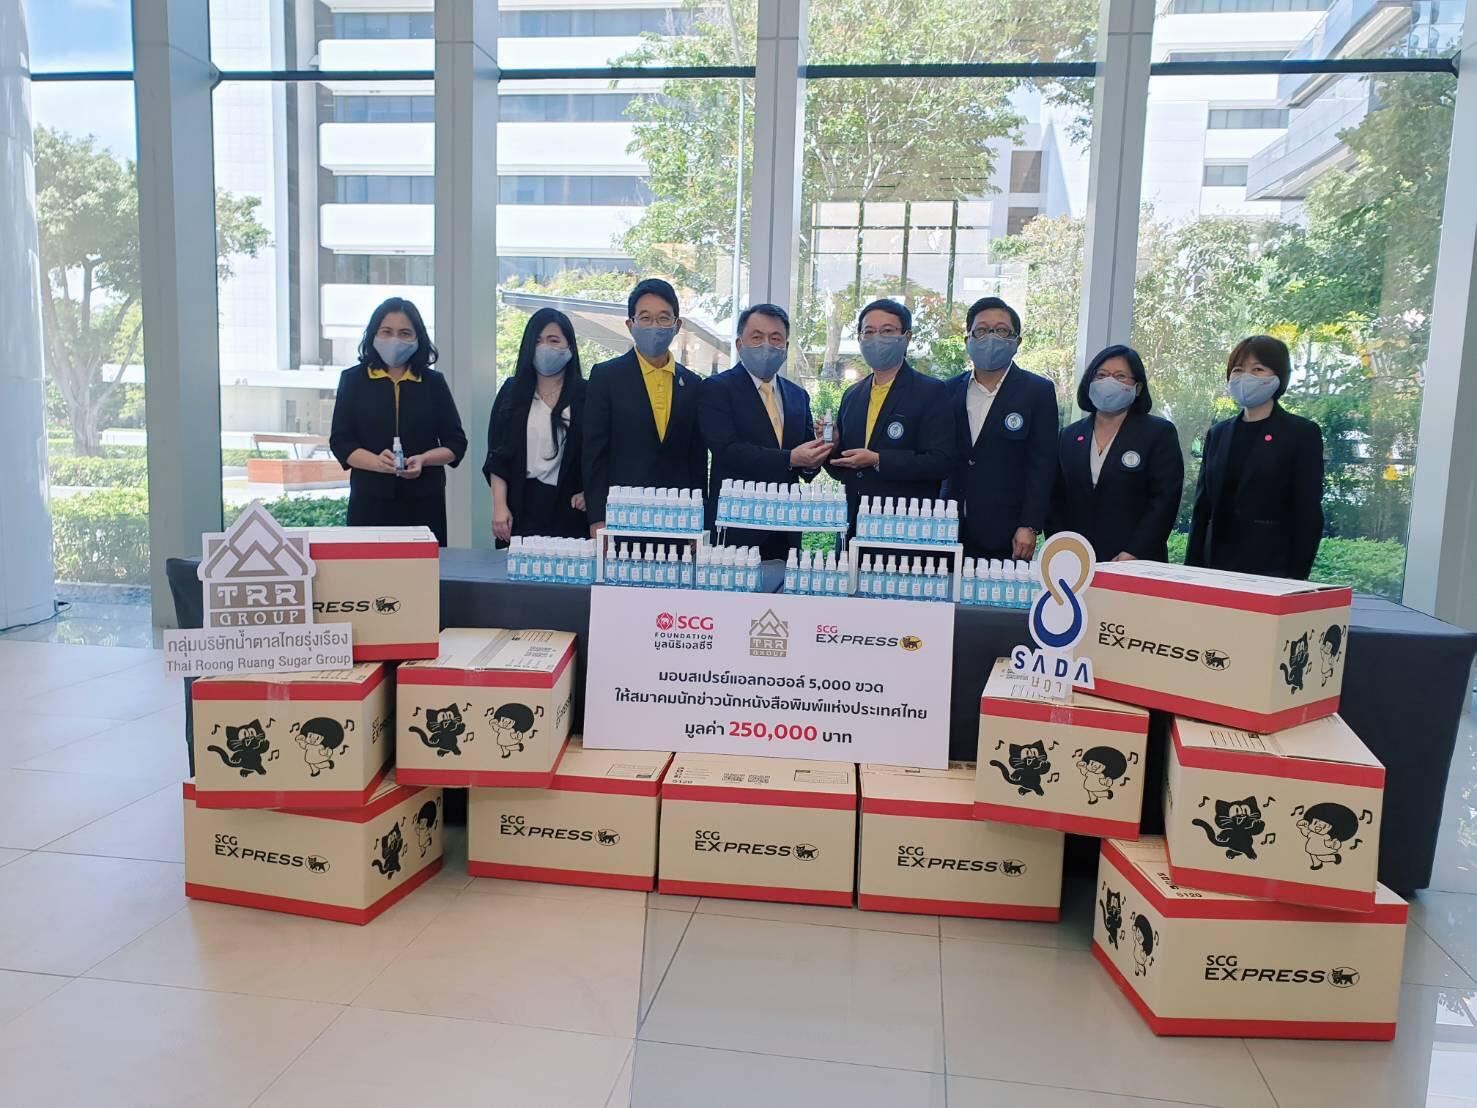 มูลนิธิเอสซีจี และกลุ่มบริษัทน้ำตาลไทยรุ่งเรือง ห่วงใยพี่น้องสื่อมวลชน ร่วมมอบสเปรย์แอลกอฮอล์ 15,000 ขวด  ให้สมาคมนักข่าวนักหนังสือพิมพ์แห่งประเทศไทย  และรายการเรื่องเด่นเย็นนี้และสถานีวิทยุครอบครัวข่าว